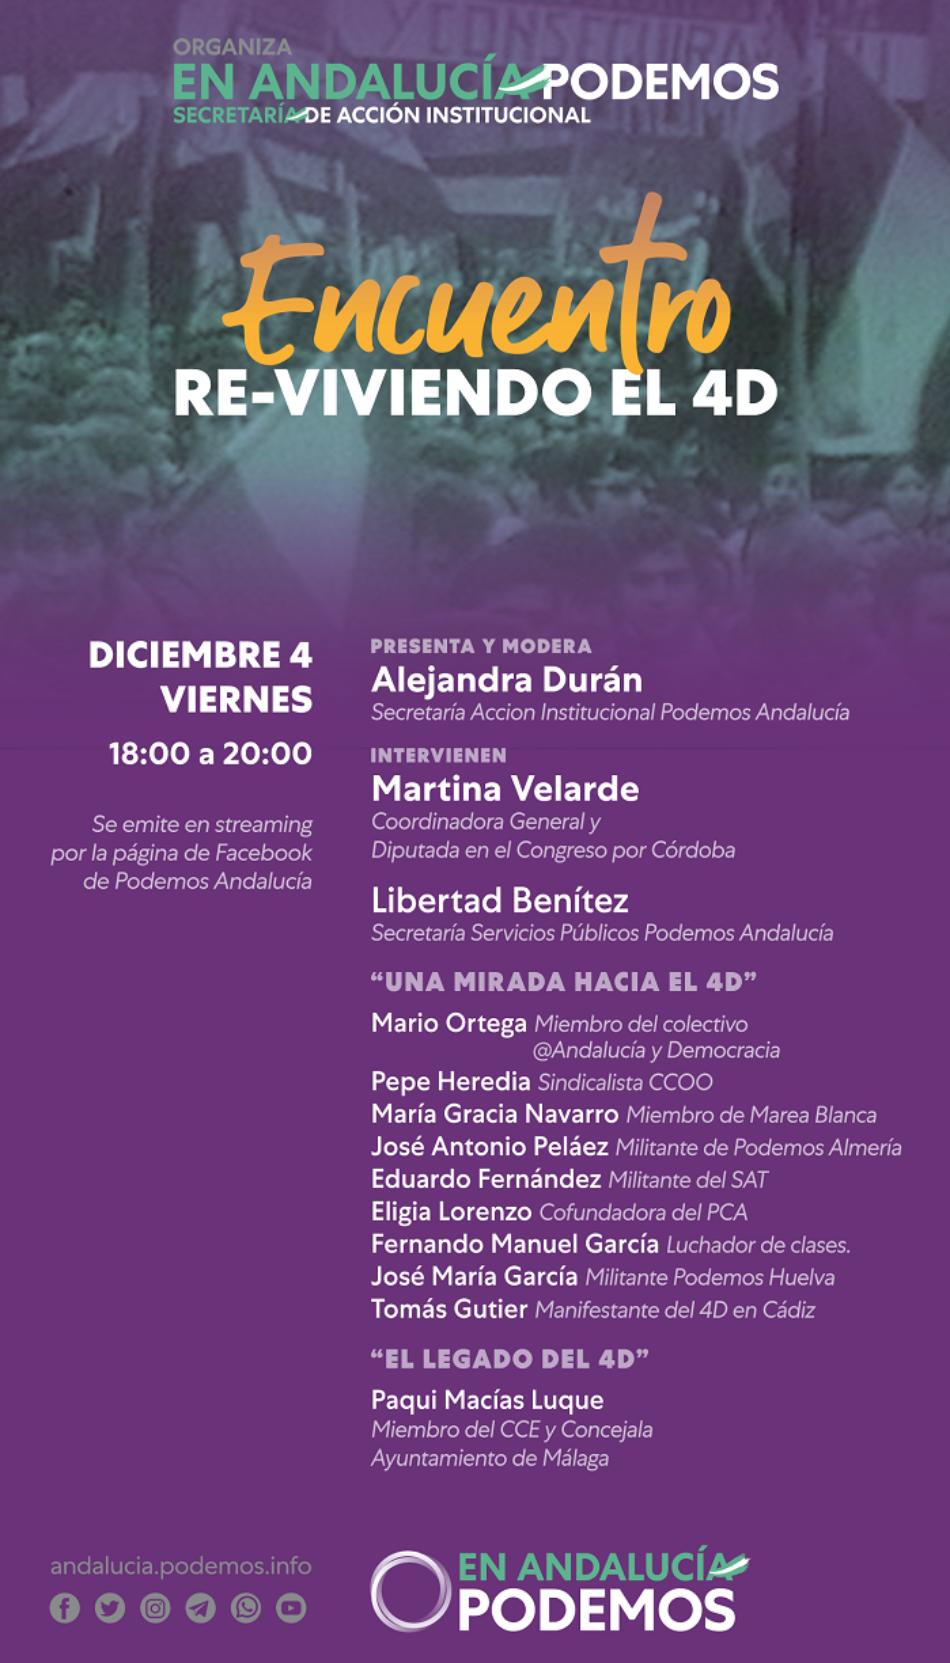 Podemos Andalucía homenajea al pueblo andaluz en un encuentro para recordar y revivir el 4D